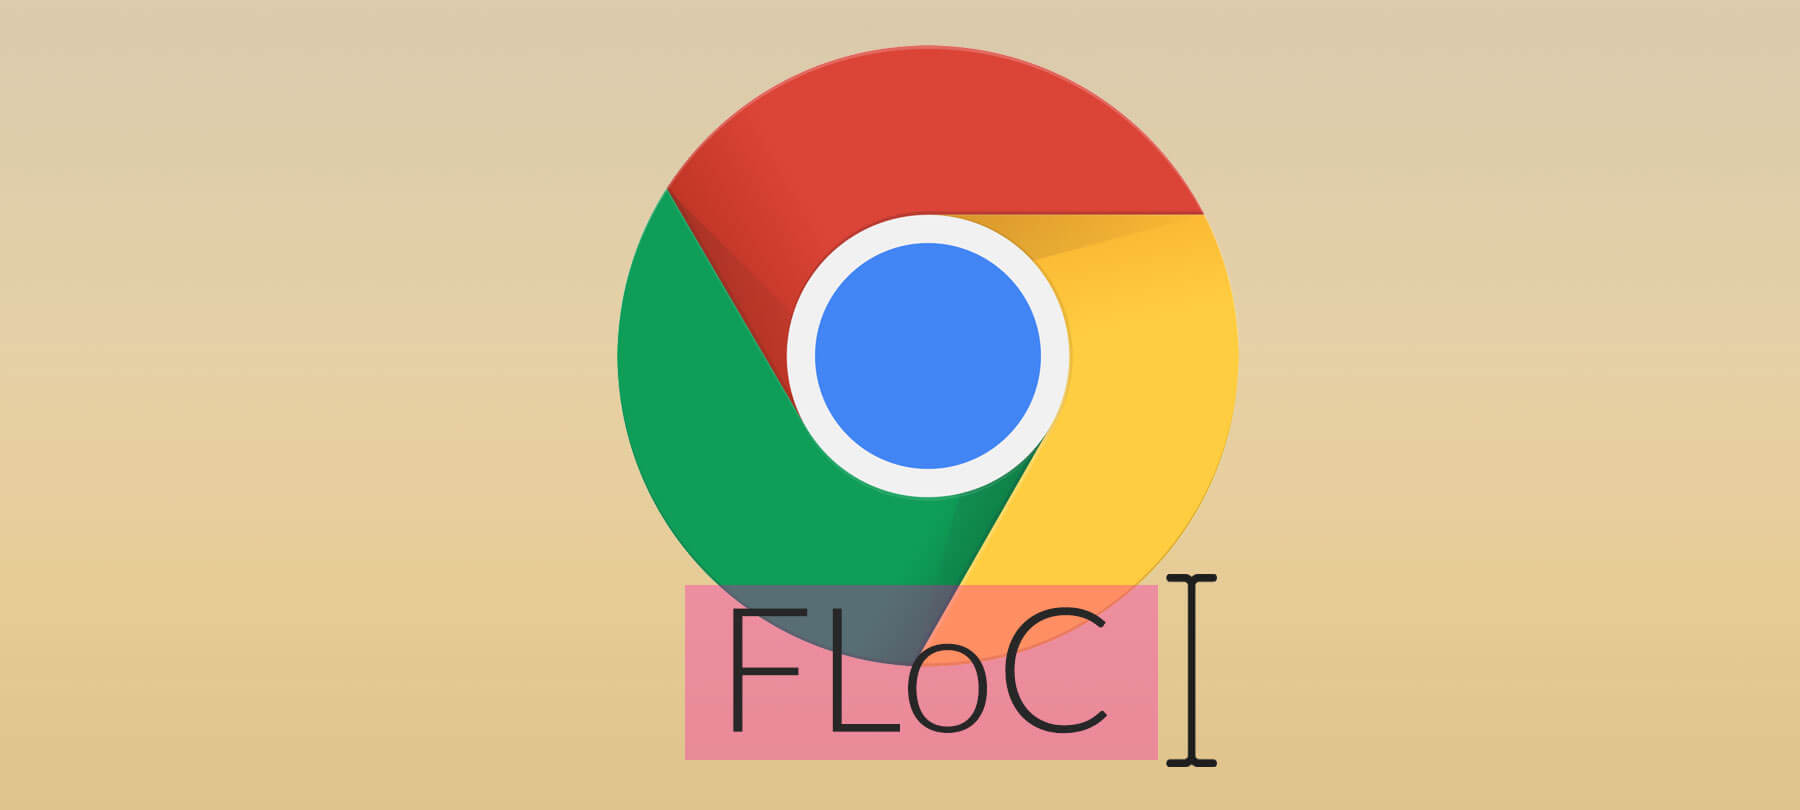 FLoC ...